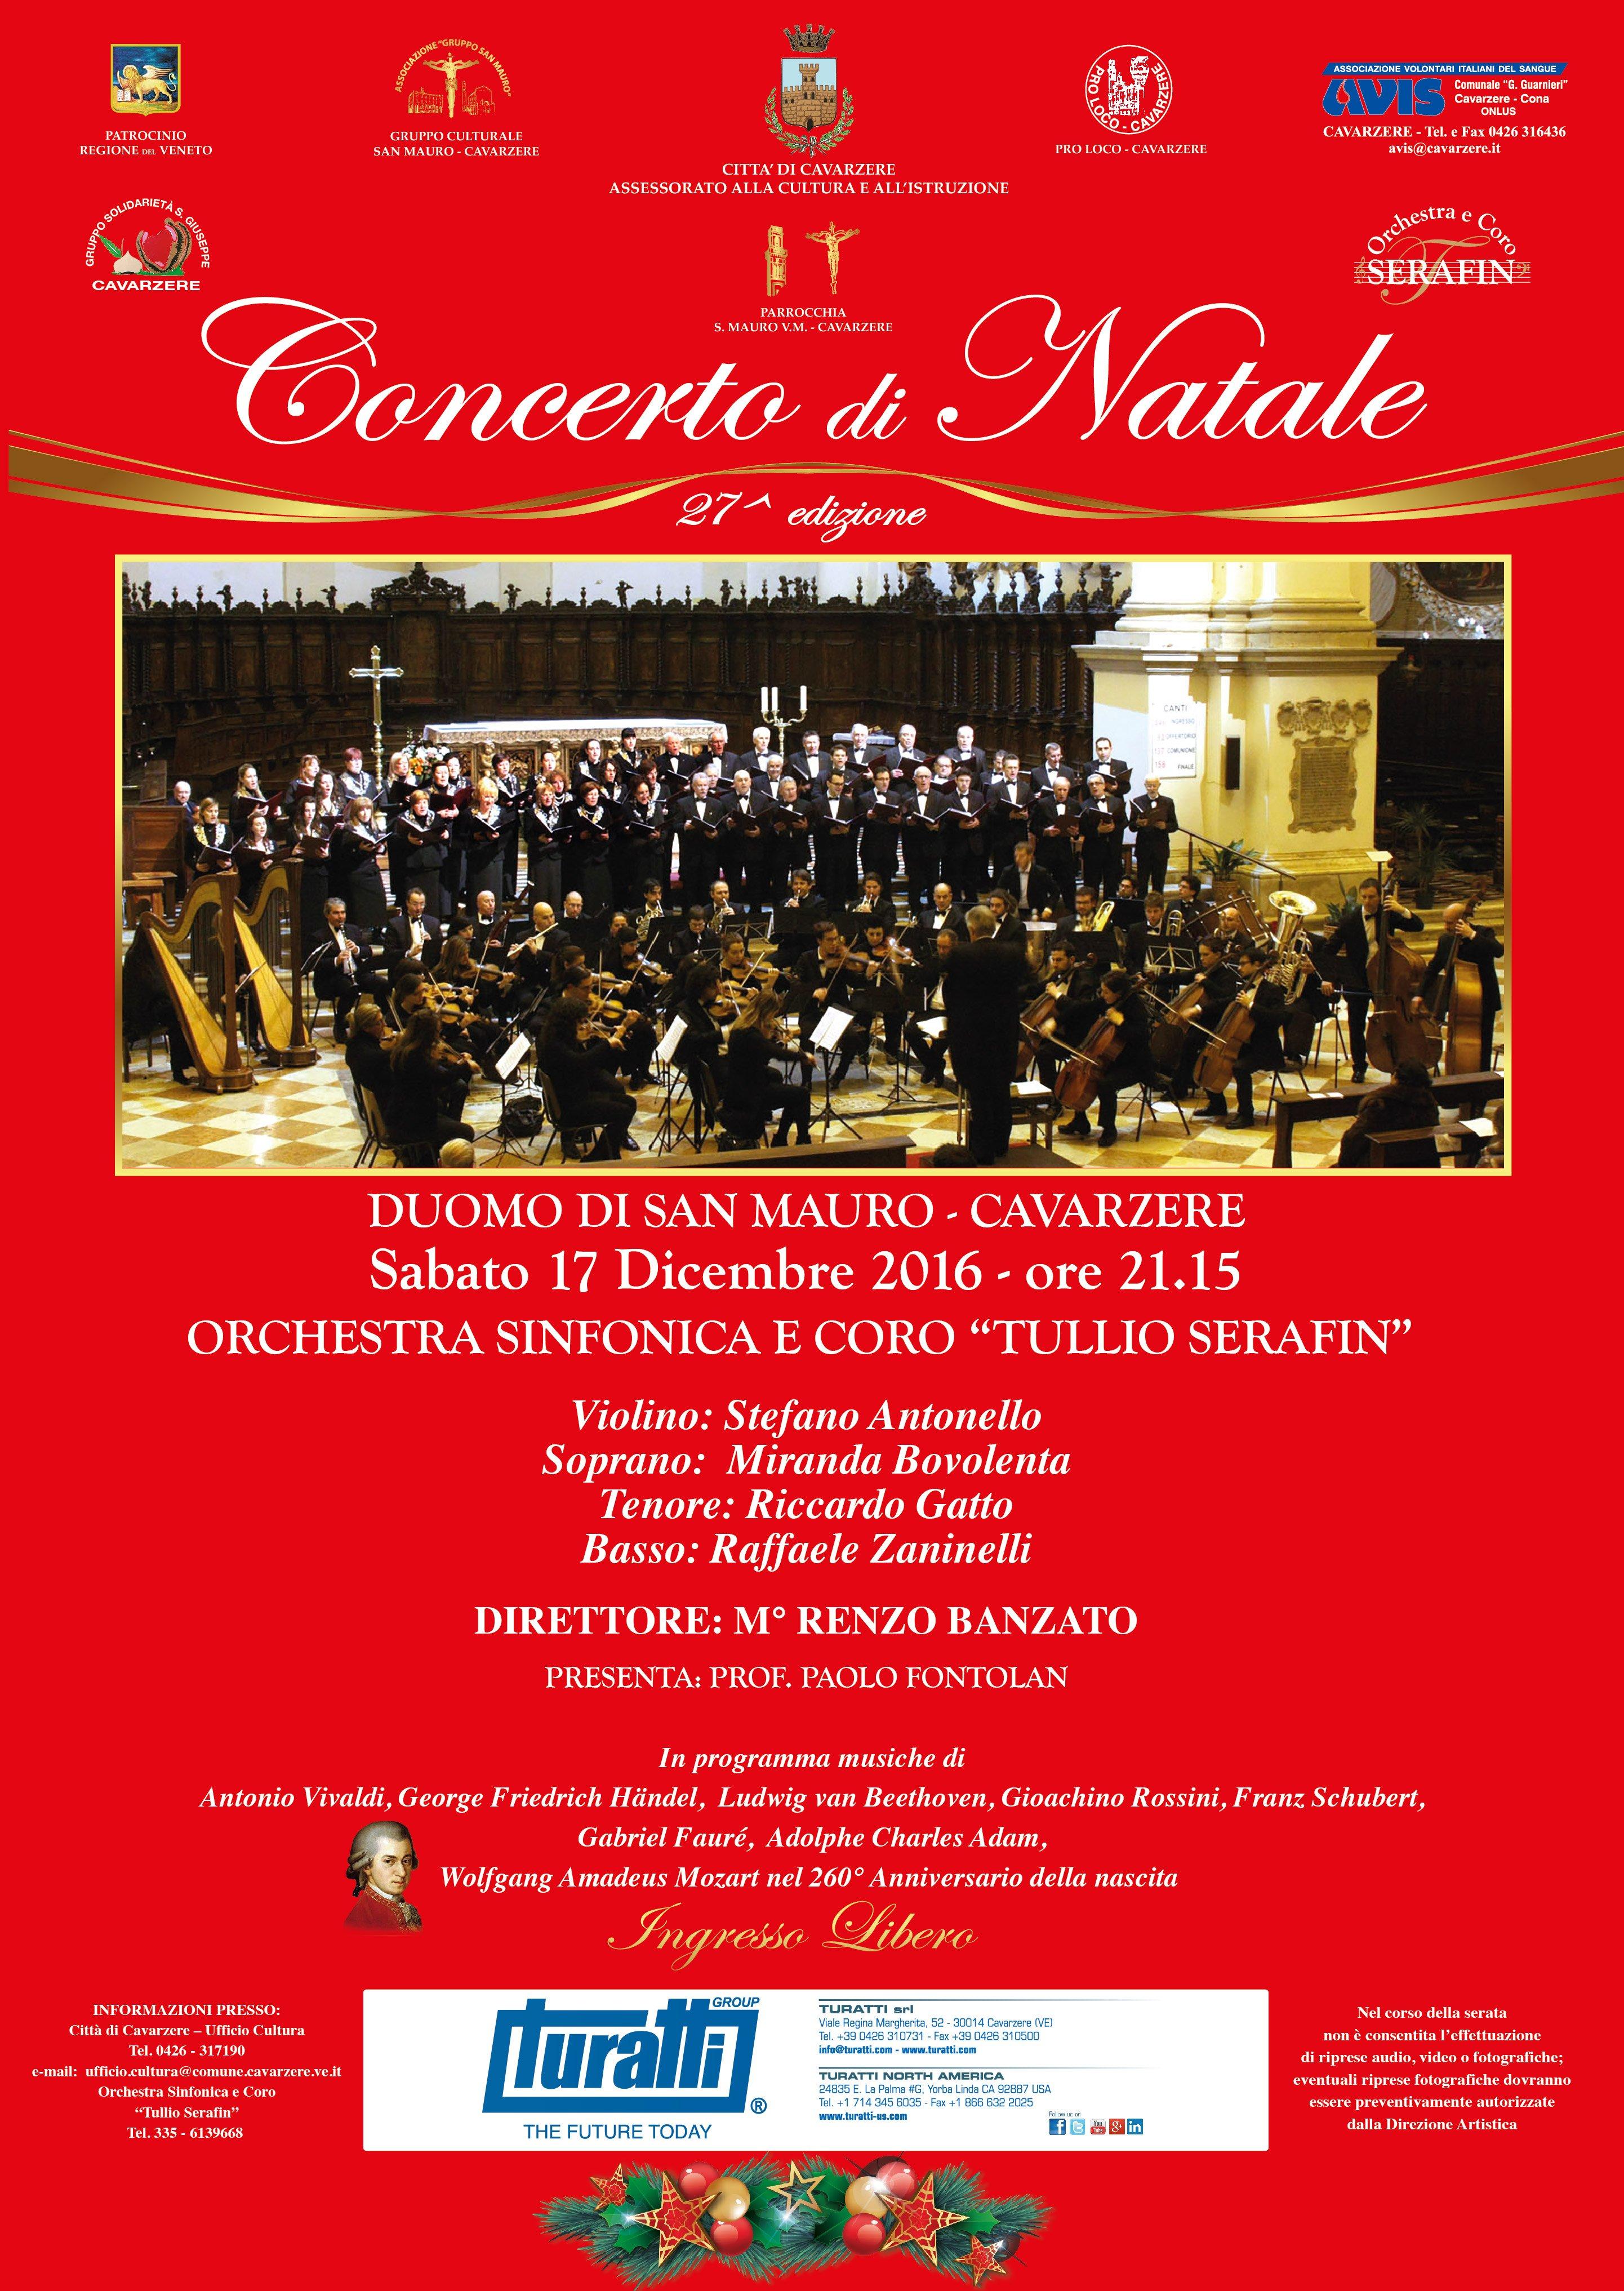 concerto-di-natale-2016-a-cavarzere-locandina